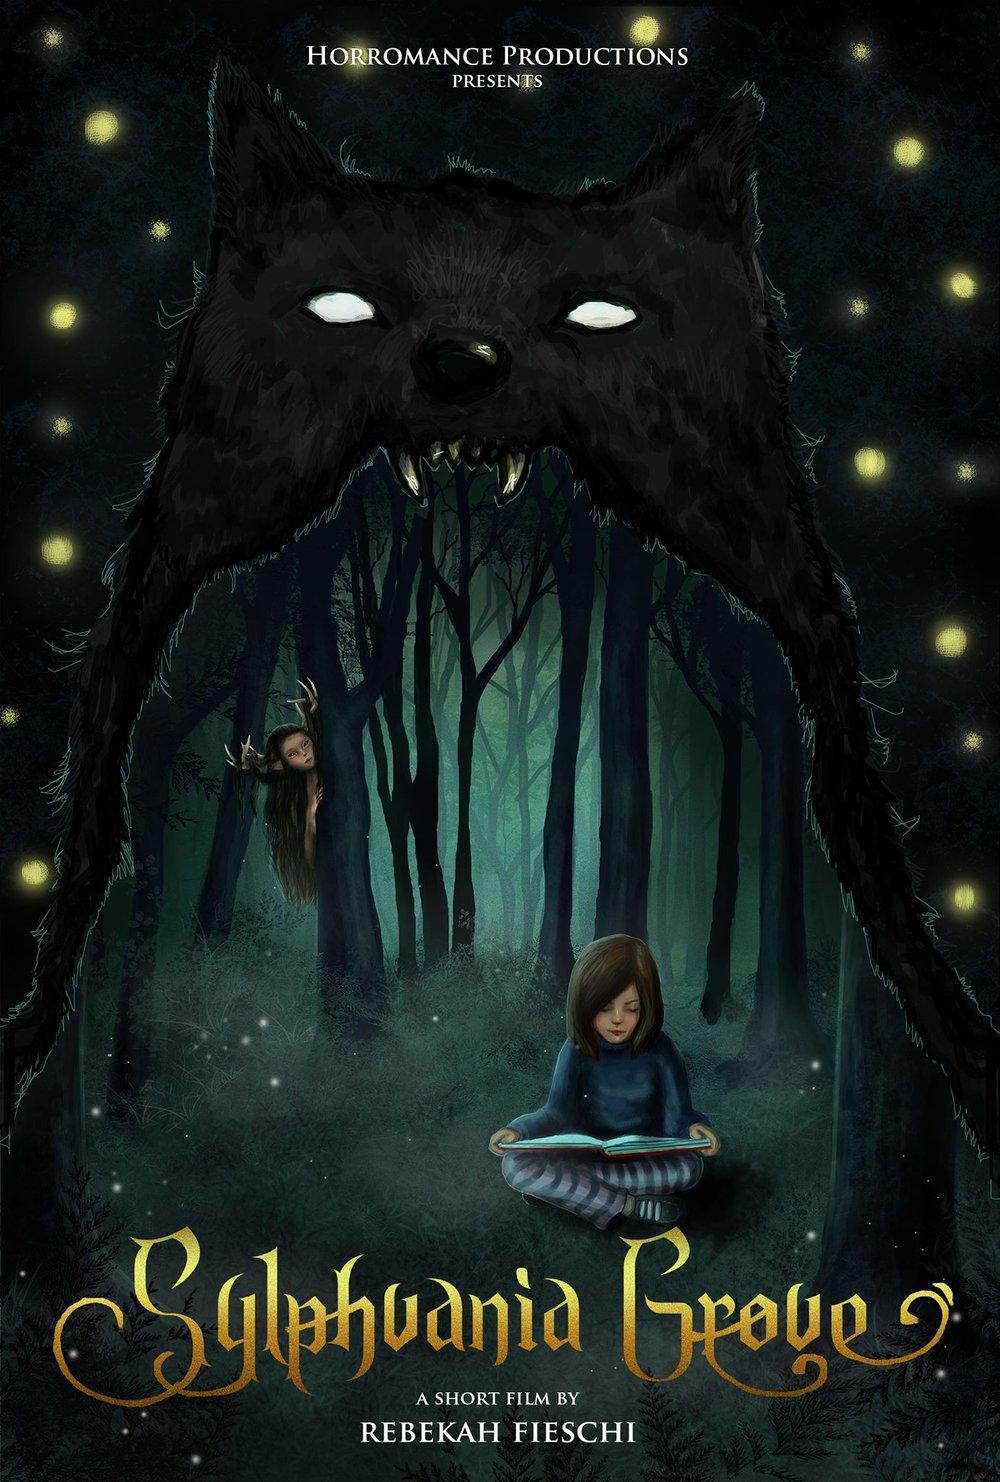 Poster by Katarzyna I. Kowalska